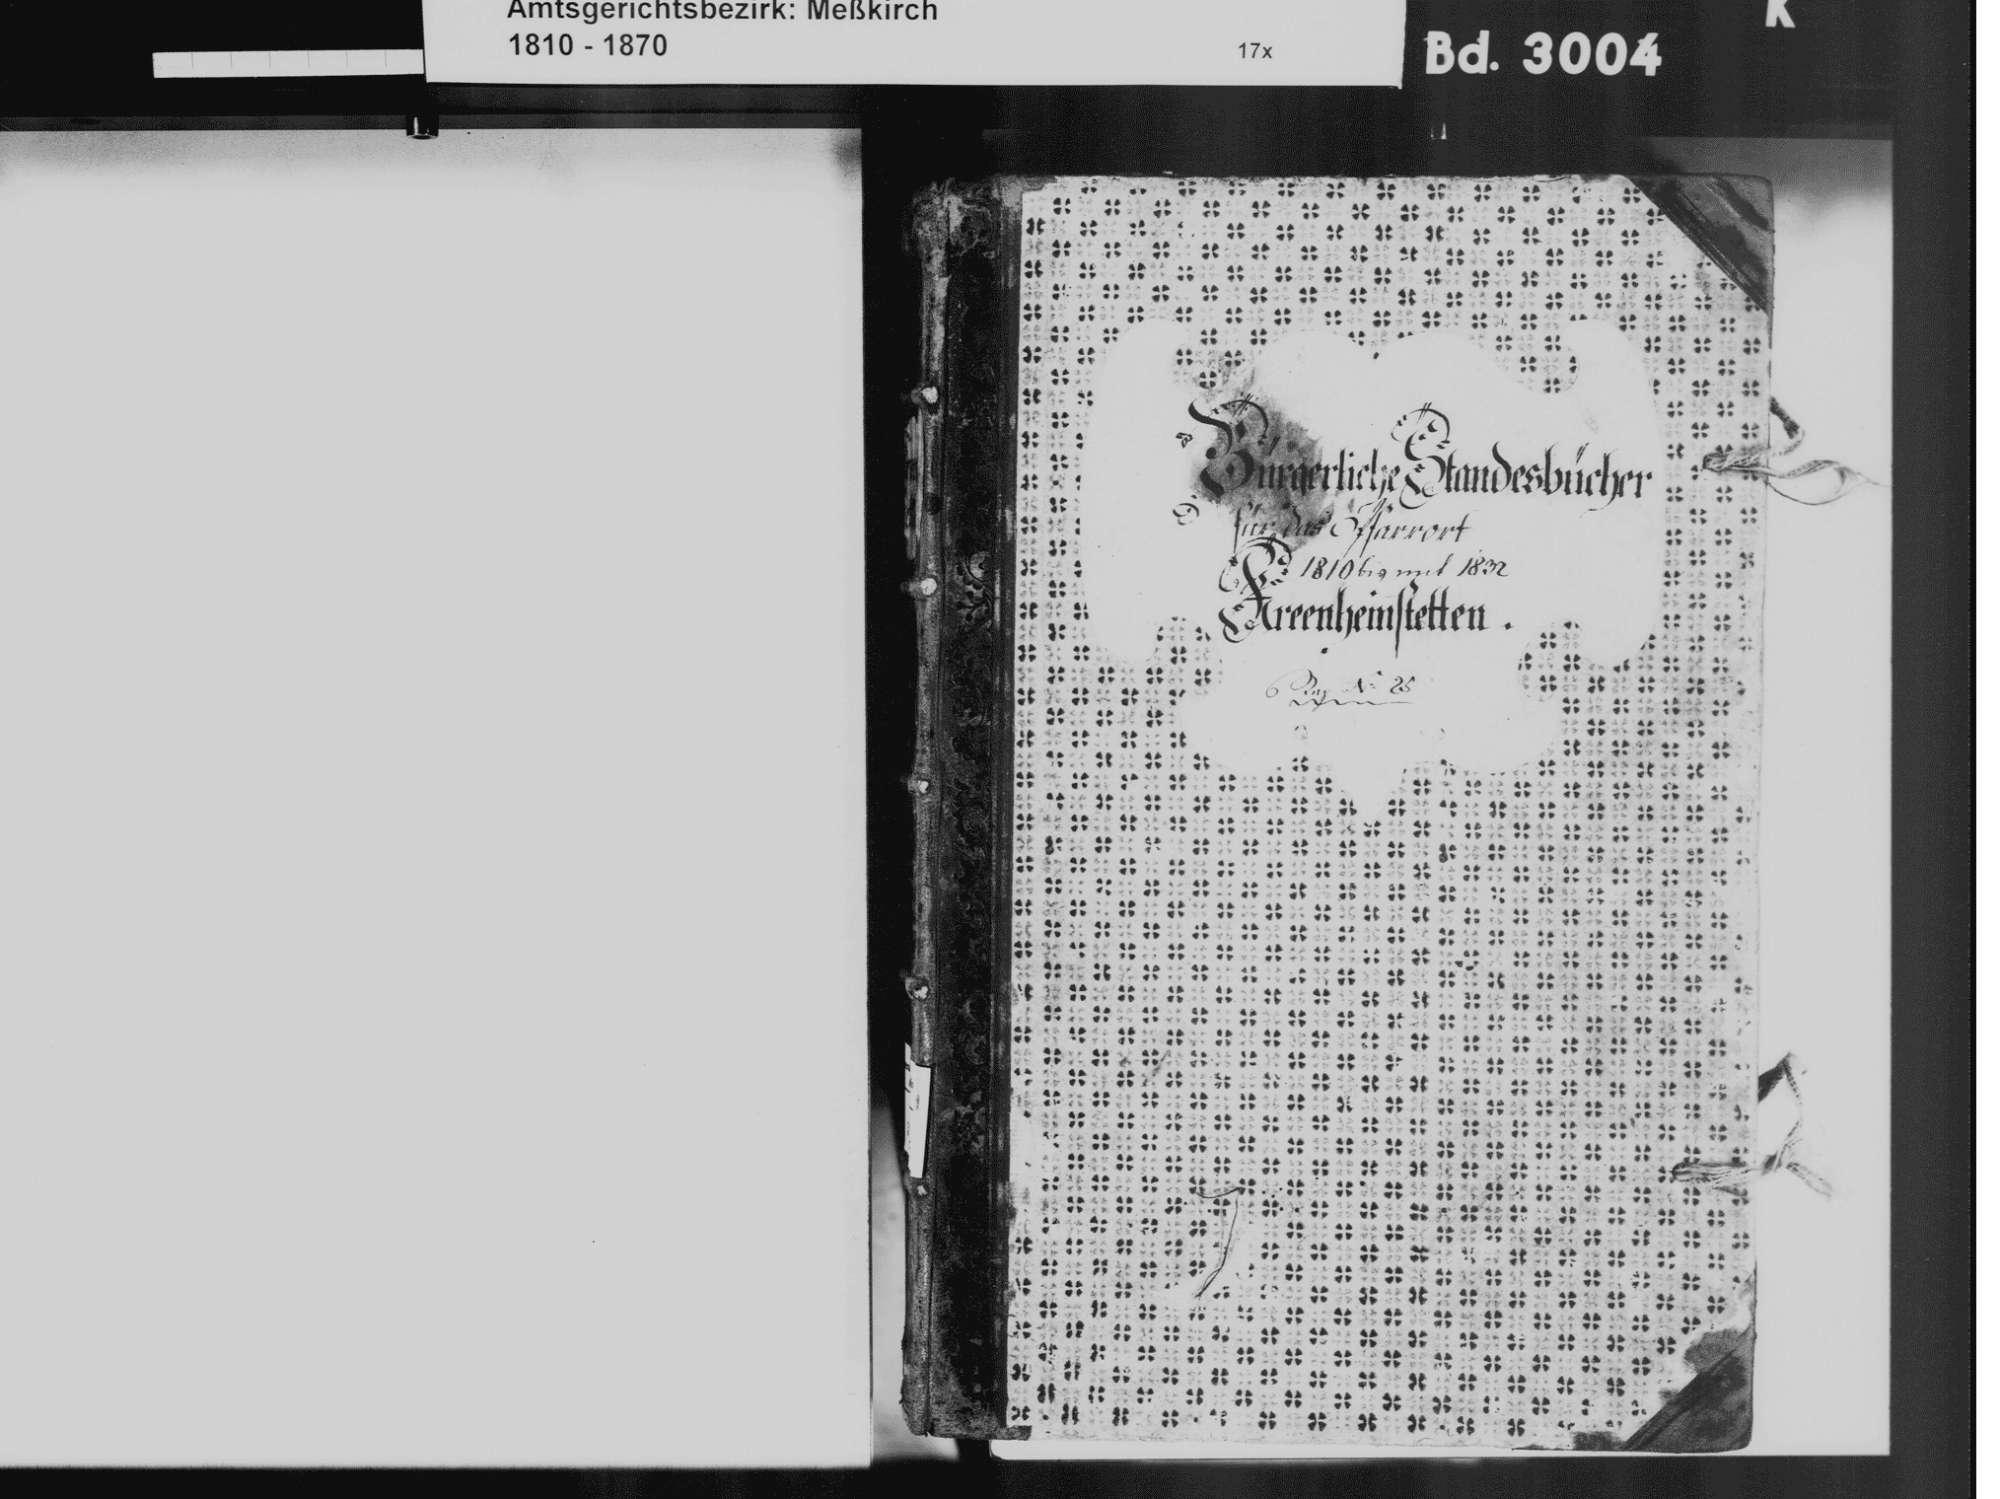 Kreenheinstetten, Leibertingen SIG; Katholische Gemeinde: Standesbuch 1810-1832, Bild 3